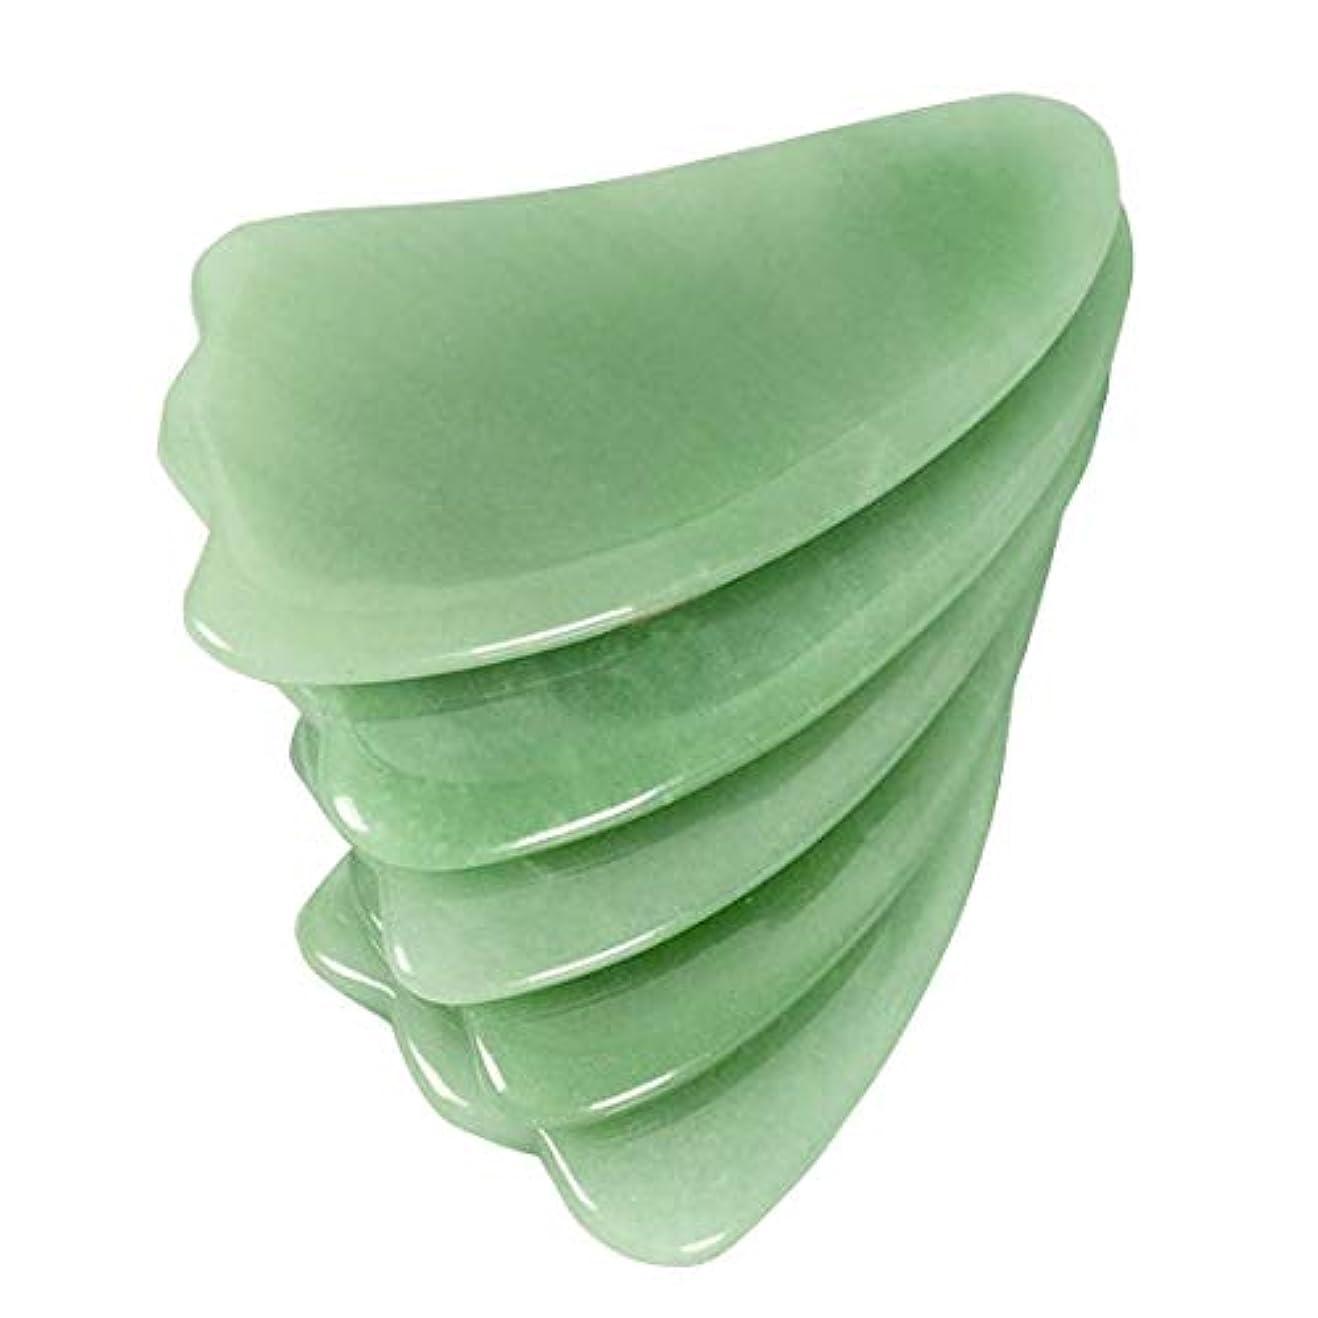 俳句リーガン産地天然緑アベンチュリン かっさプレート カッサリフトプレート カッサボード カッサマッサージ道具